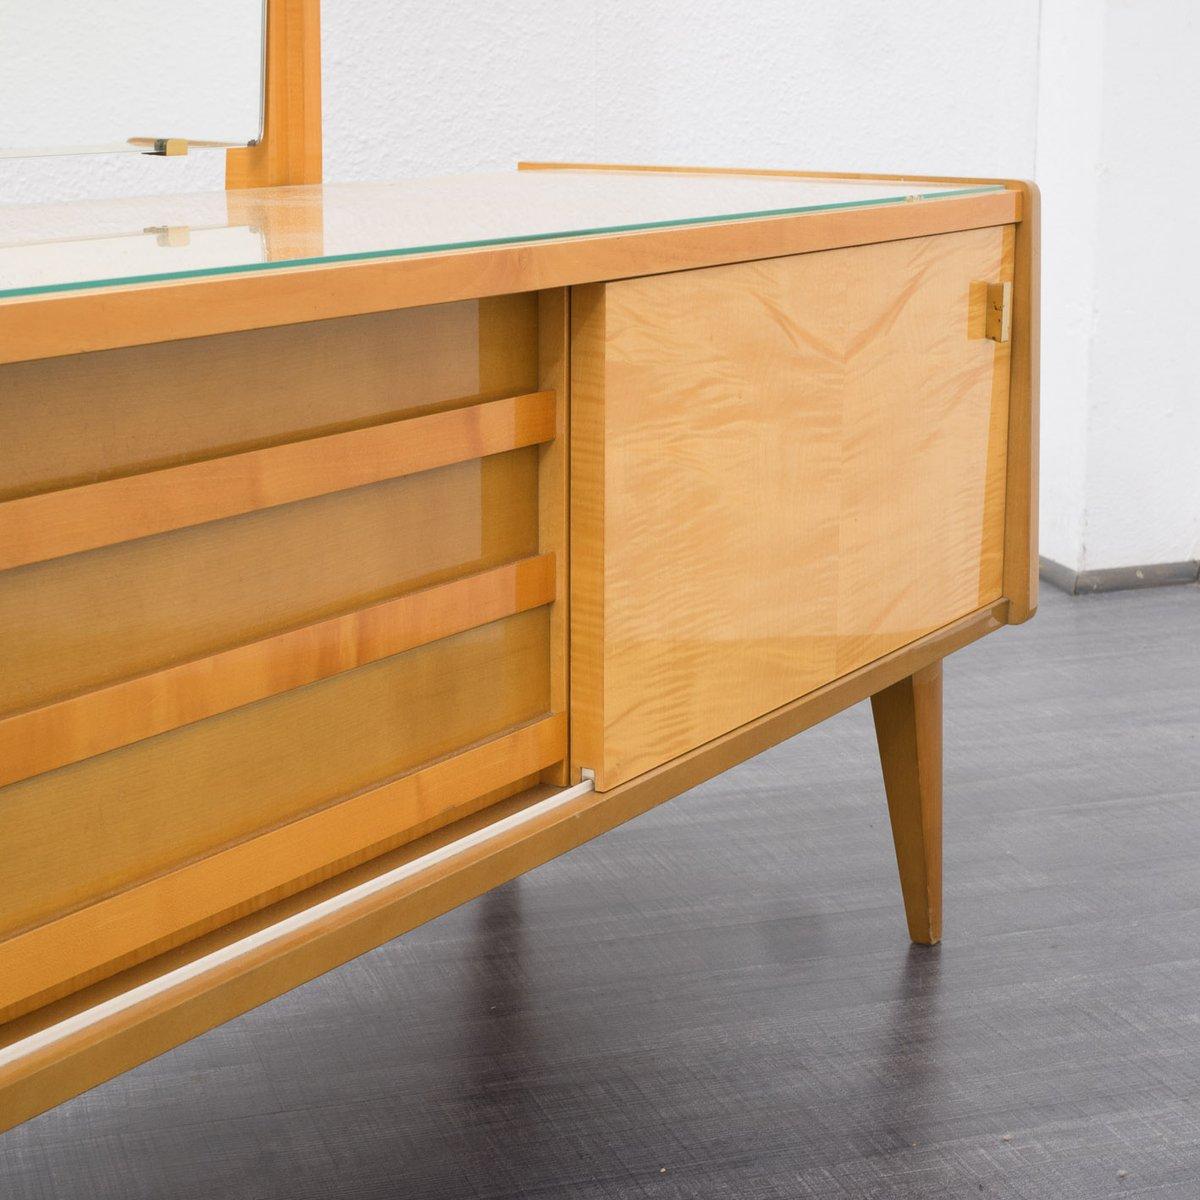 verspiegelte vintage kommode mit ahornfurnier bei pamono kaufen. Black Bedroom Furniture Sets. Home Design Ideas